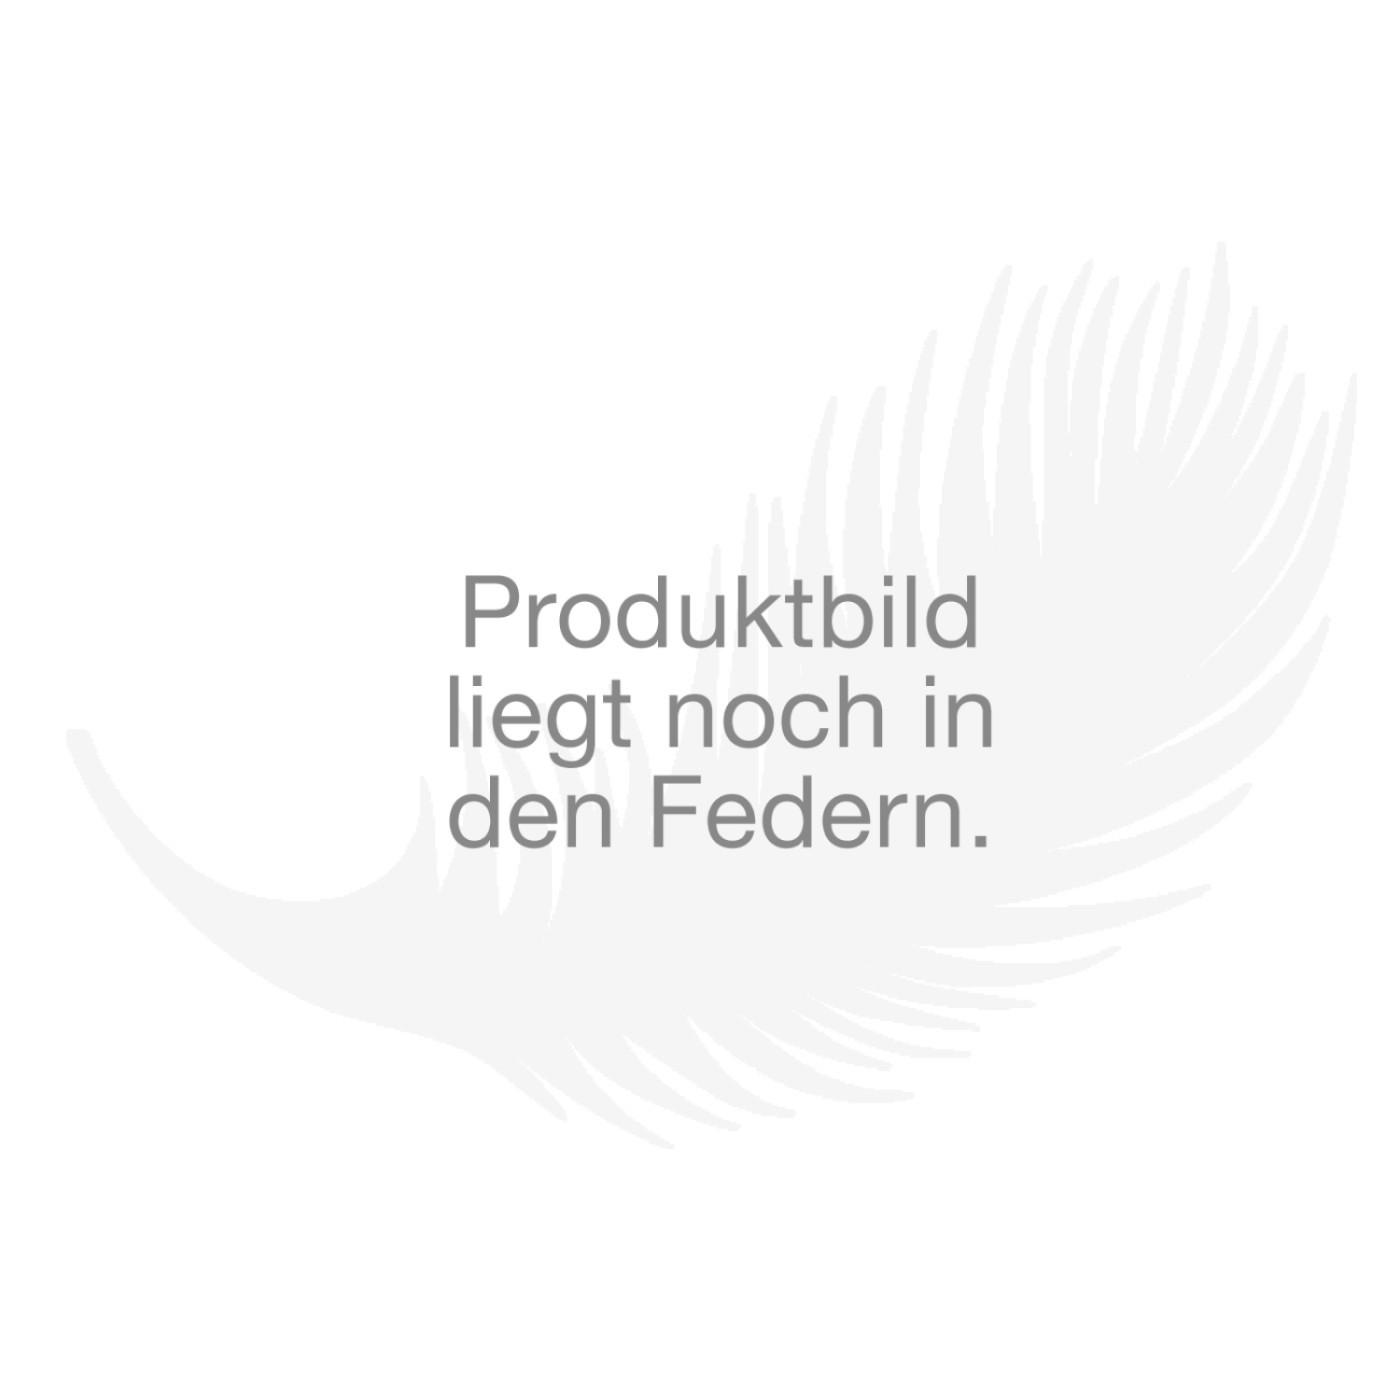 schramm origins complete polsterbett kopfteil zara 1. Black Bedroom Furniture Sets. Home Design Ideas